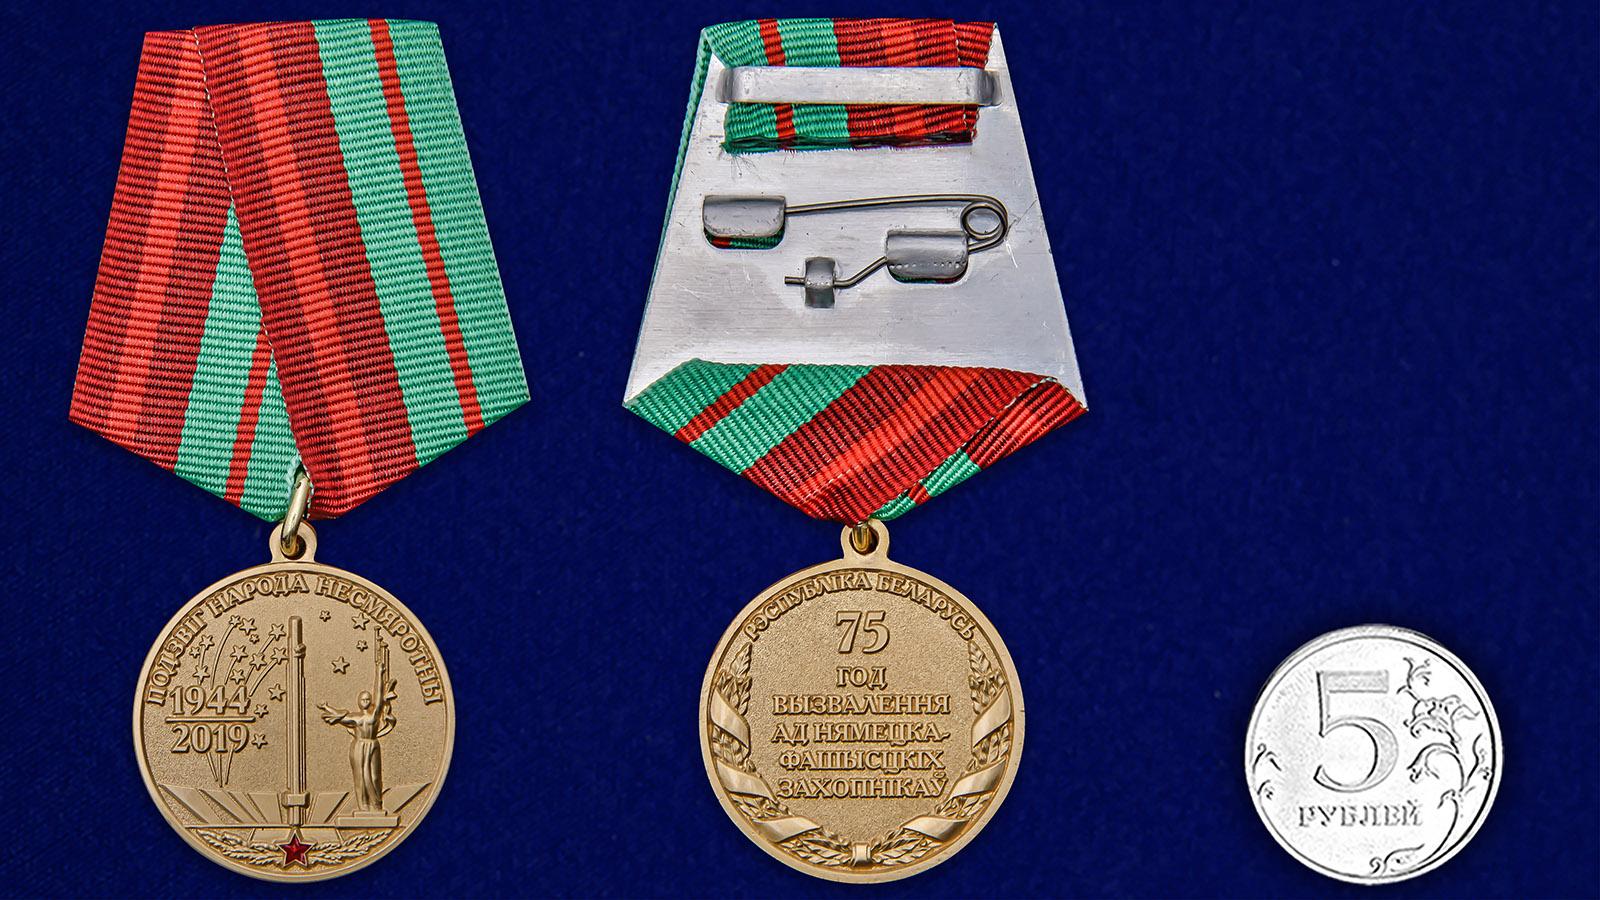 Латунная медаль 75 лет освобождения Беларуси от немецко-фашистских захватчиков - сравнительный вид